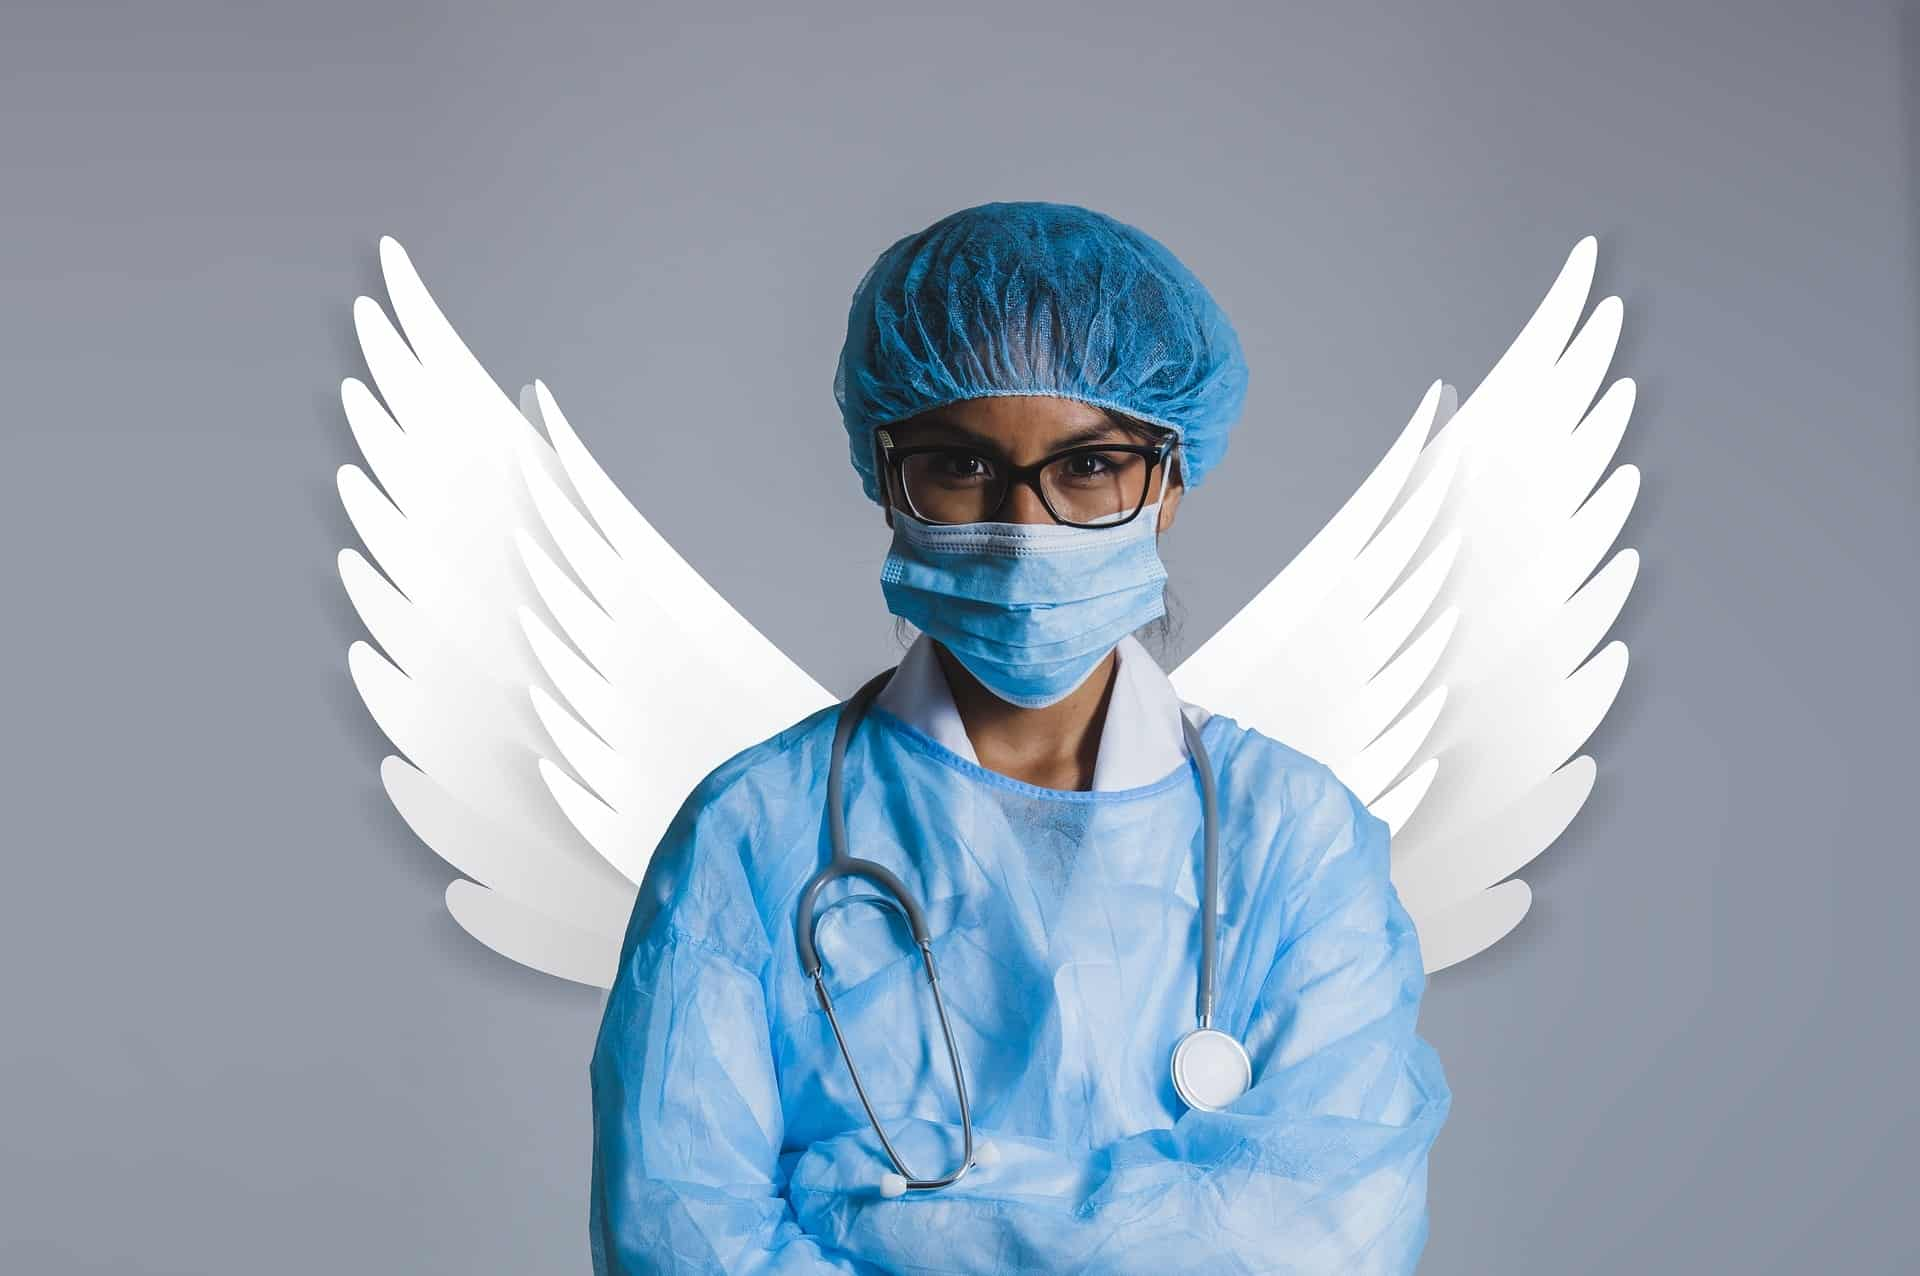 רופאה עם כנפיים של מלאך